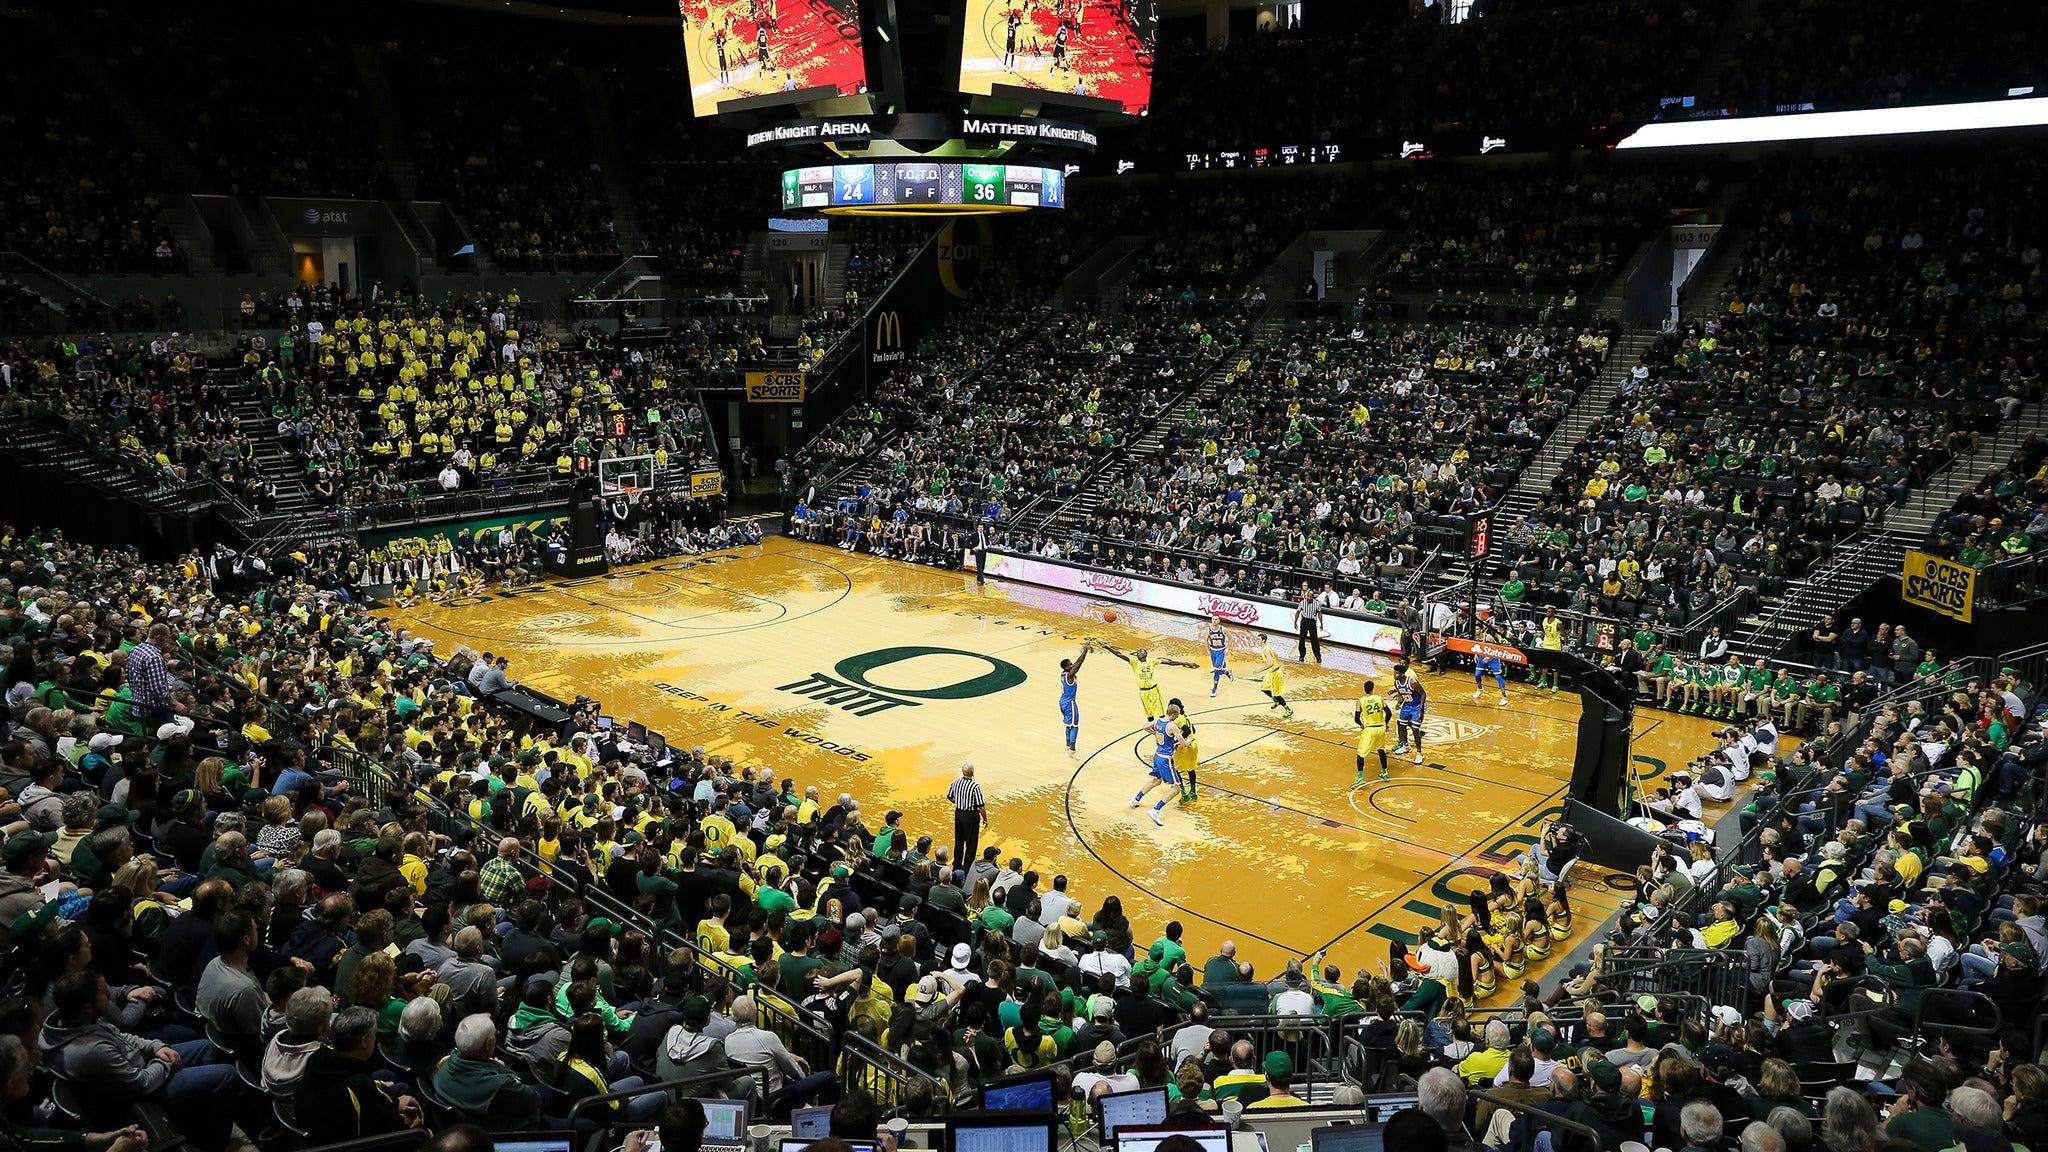 Oregon Ducks Men's Basketball vs. UCLA Bruins Men's Basketball